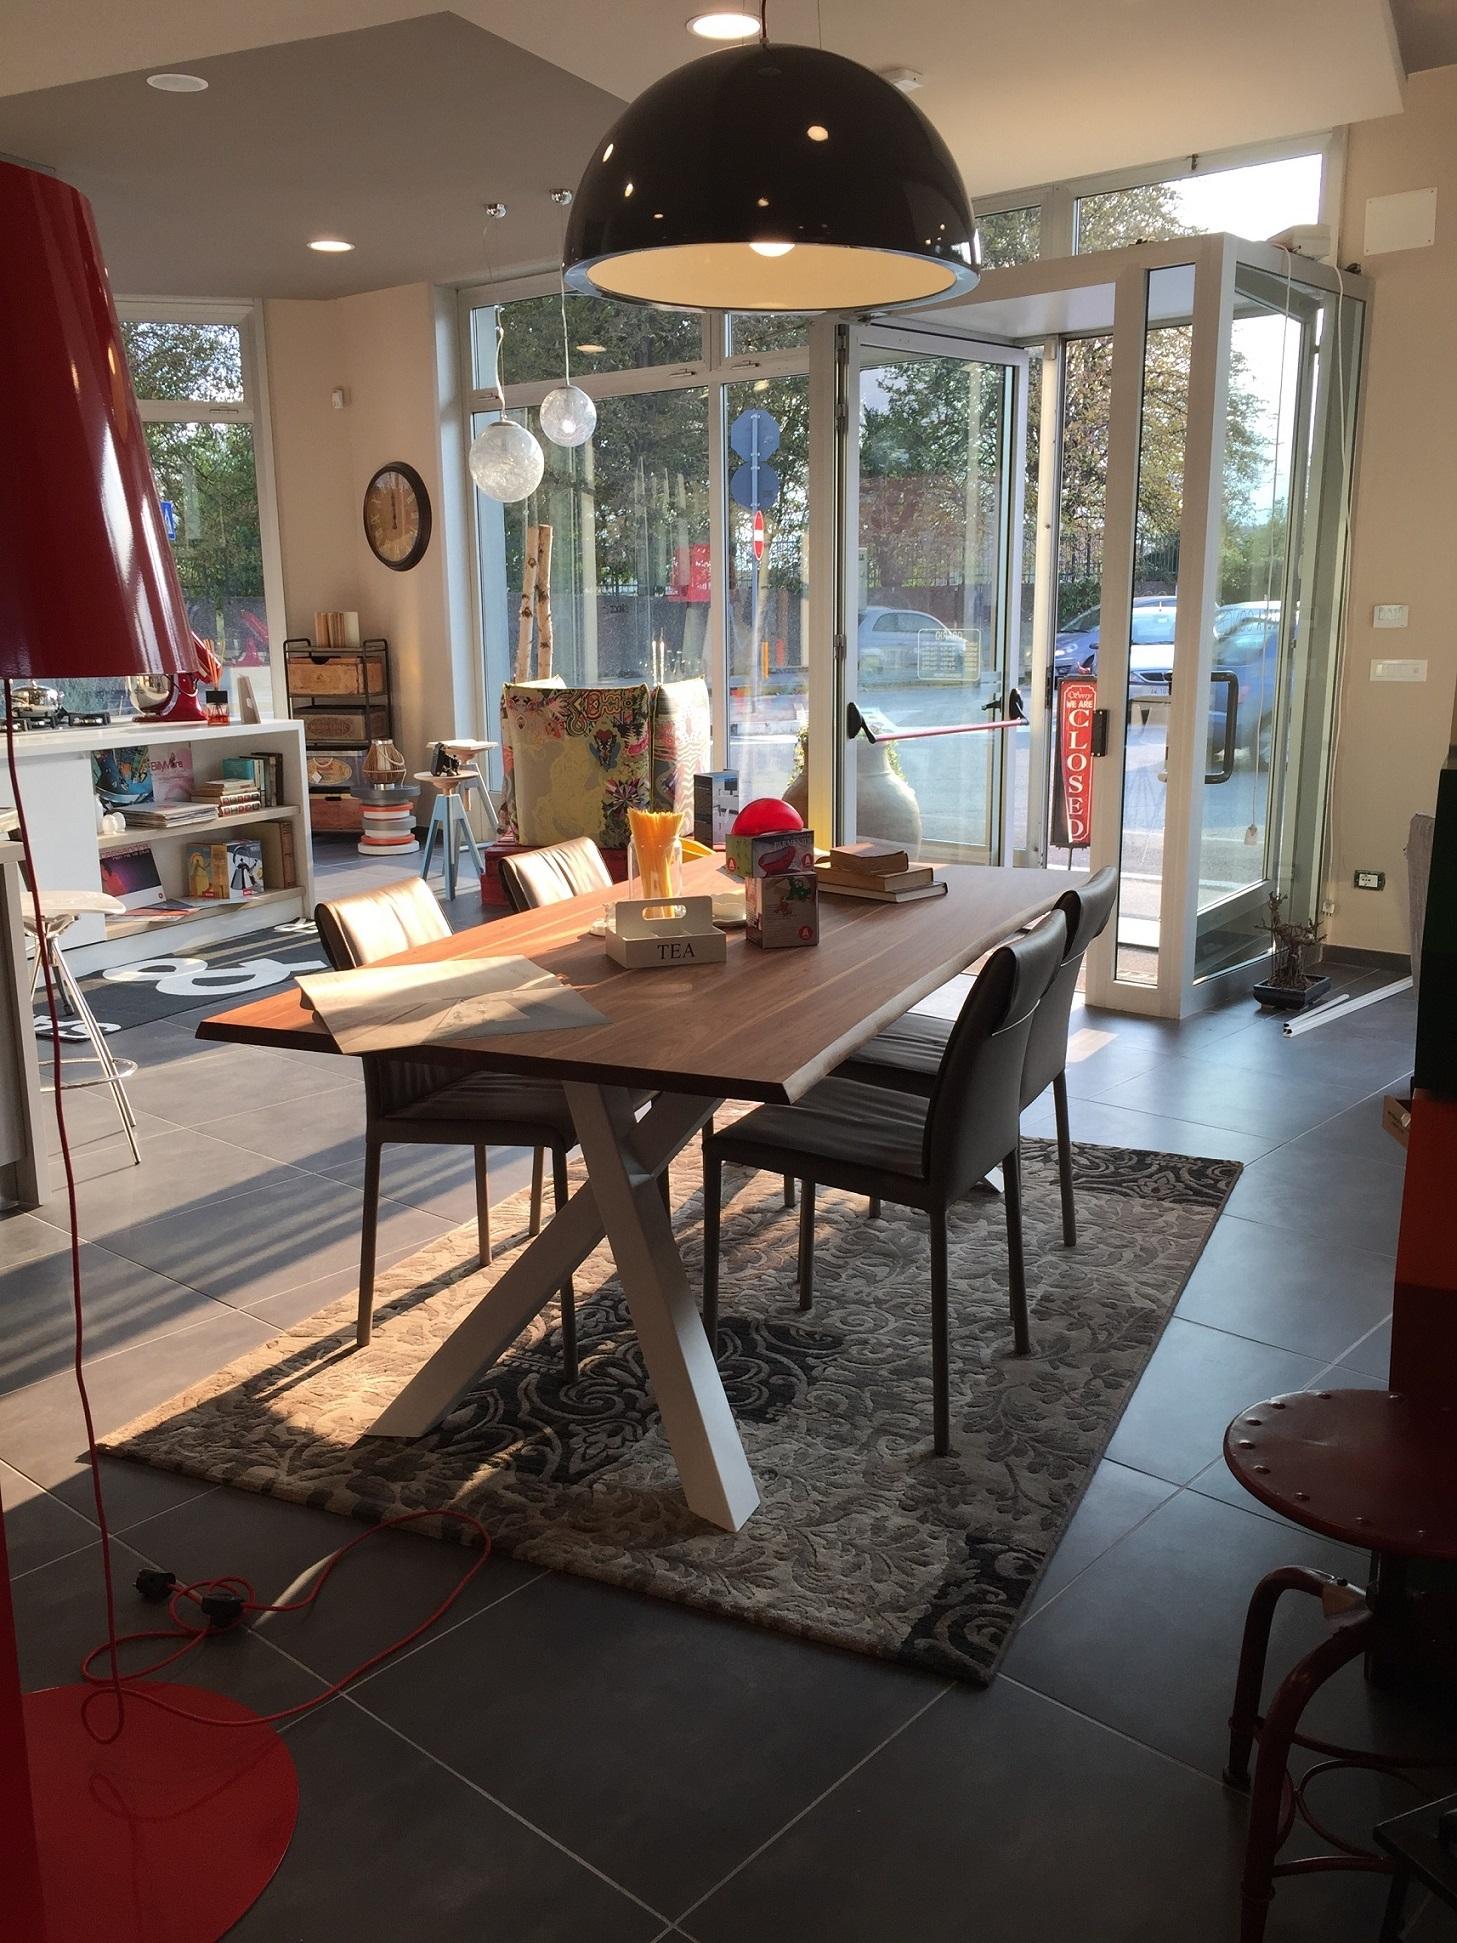 Vendita tavoli milano set birreria panche e tavoli for Tavoli vendita